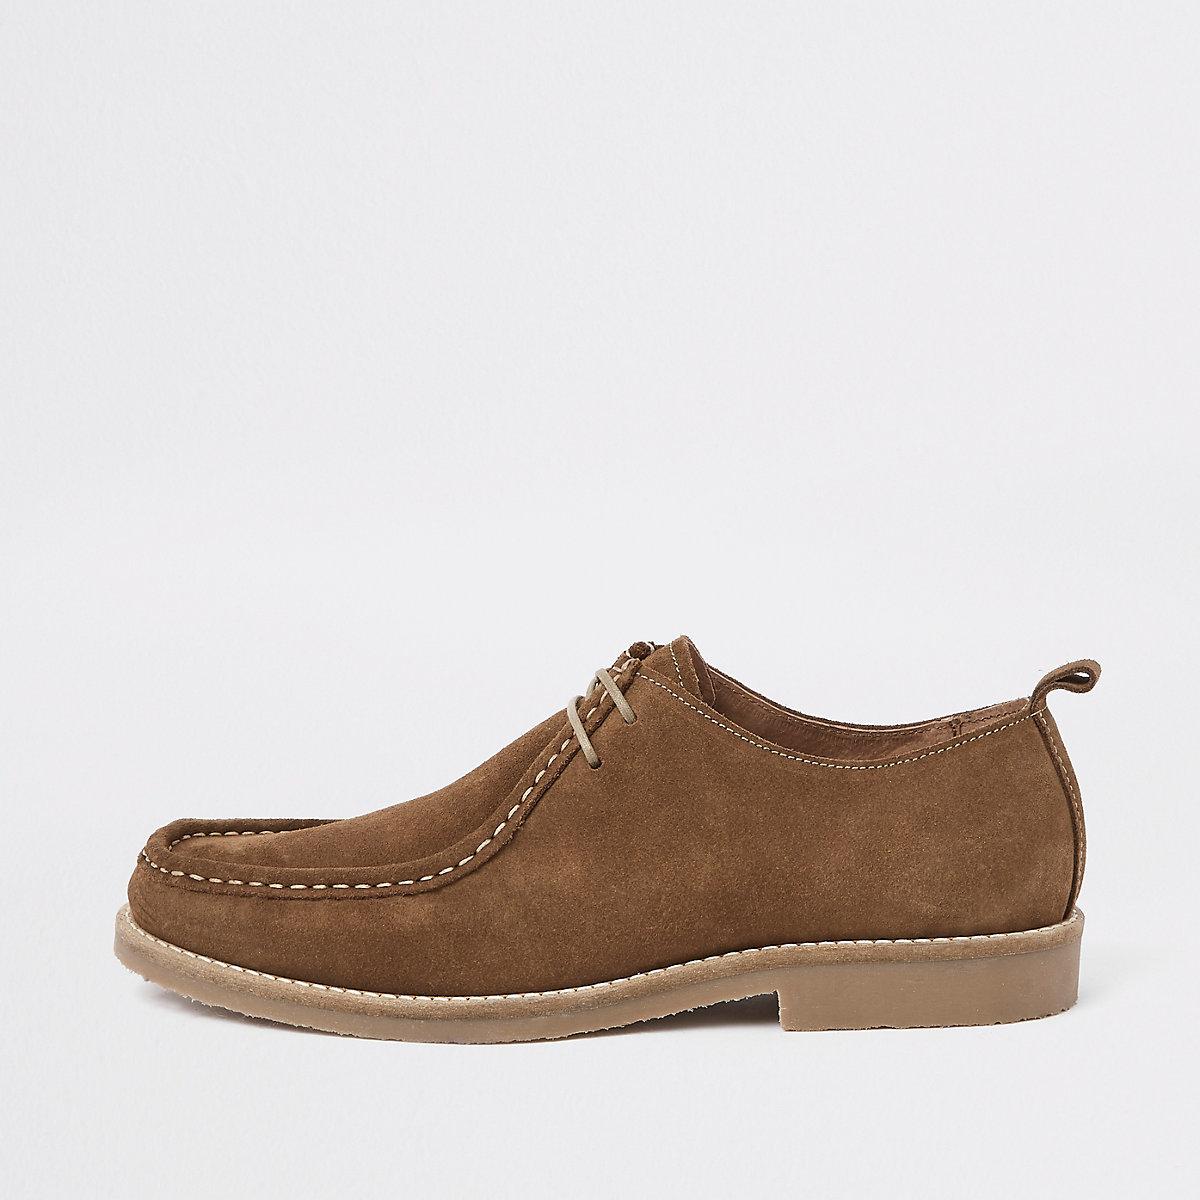 Dark brown suede moccasin shoes